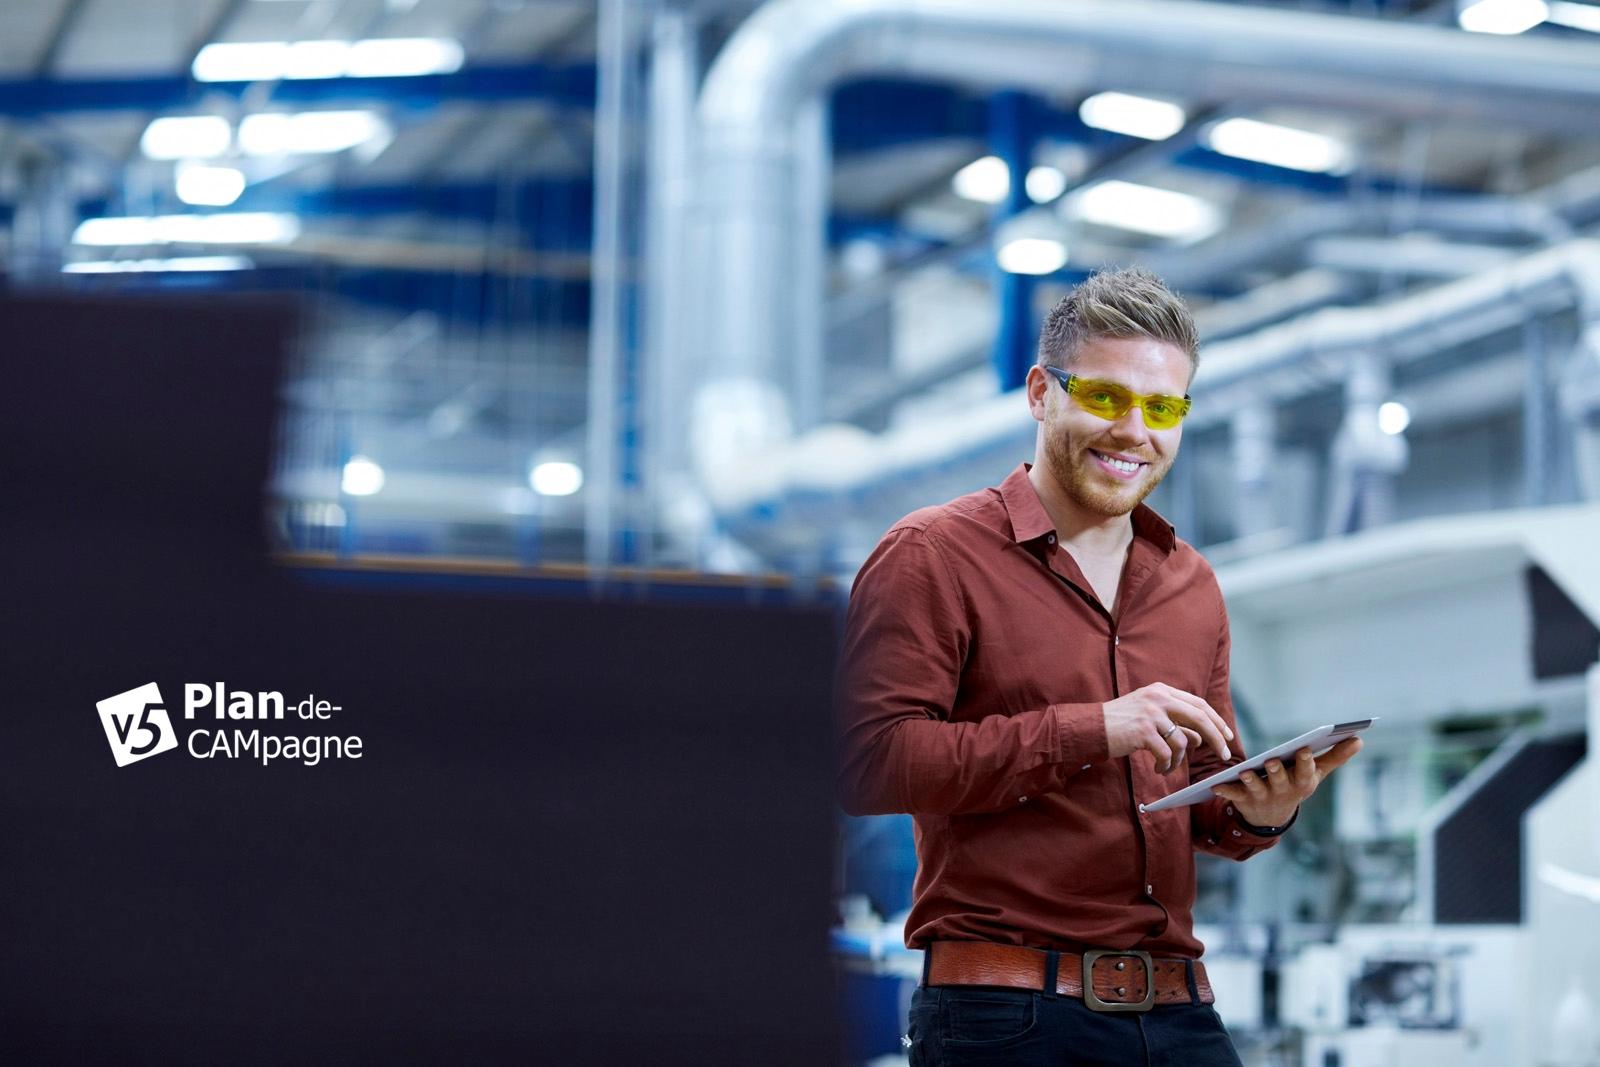 Plan-de-CAMpagne: ERP voor de maakindustrie